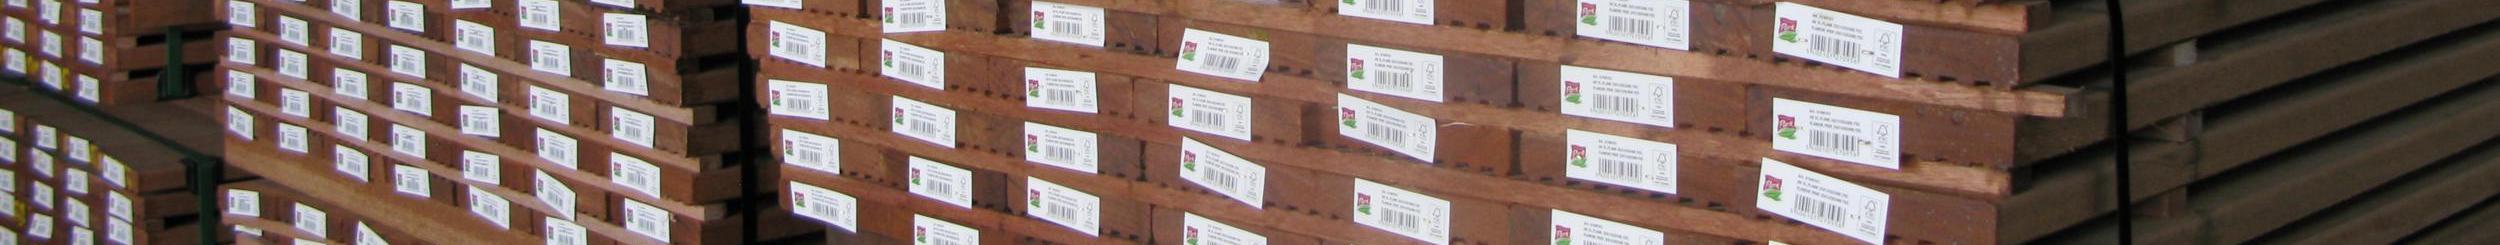 Geschaafd legaal en duurzaam hout voor de DIY sector